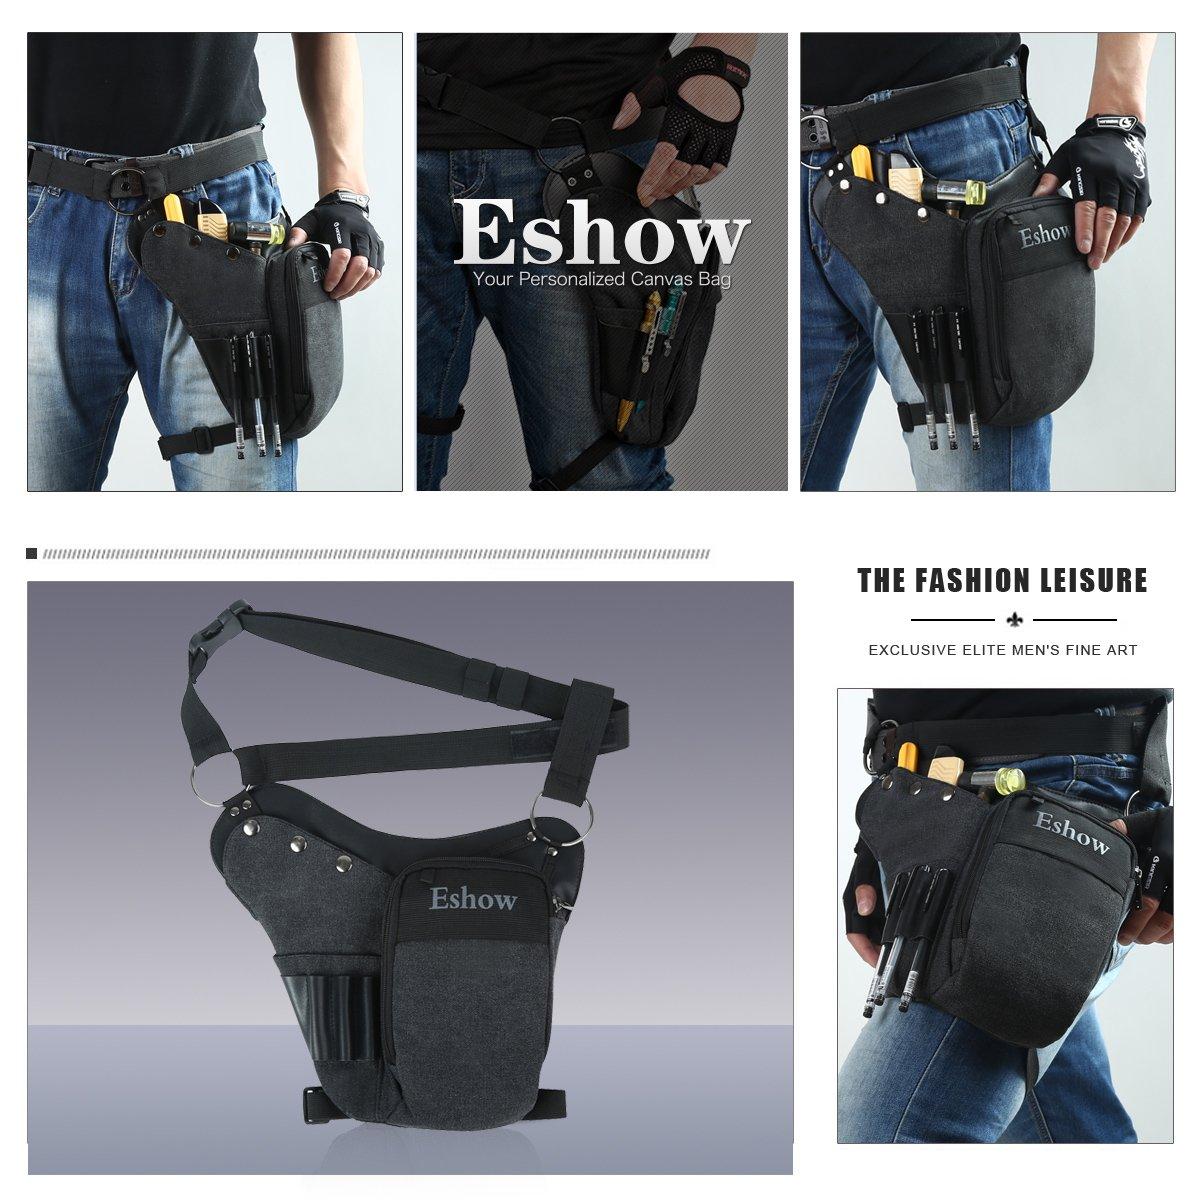 ac3352dc033 Eshow Sac de Jambe pour outils Sac à outils tactique Trousse à Outils  électrotechnique porte-outil Accessoire de ceinture pour Bricolage   électricien ...